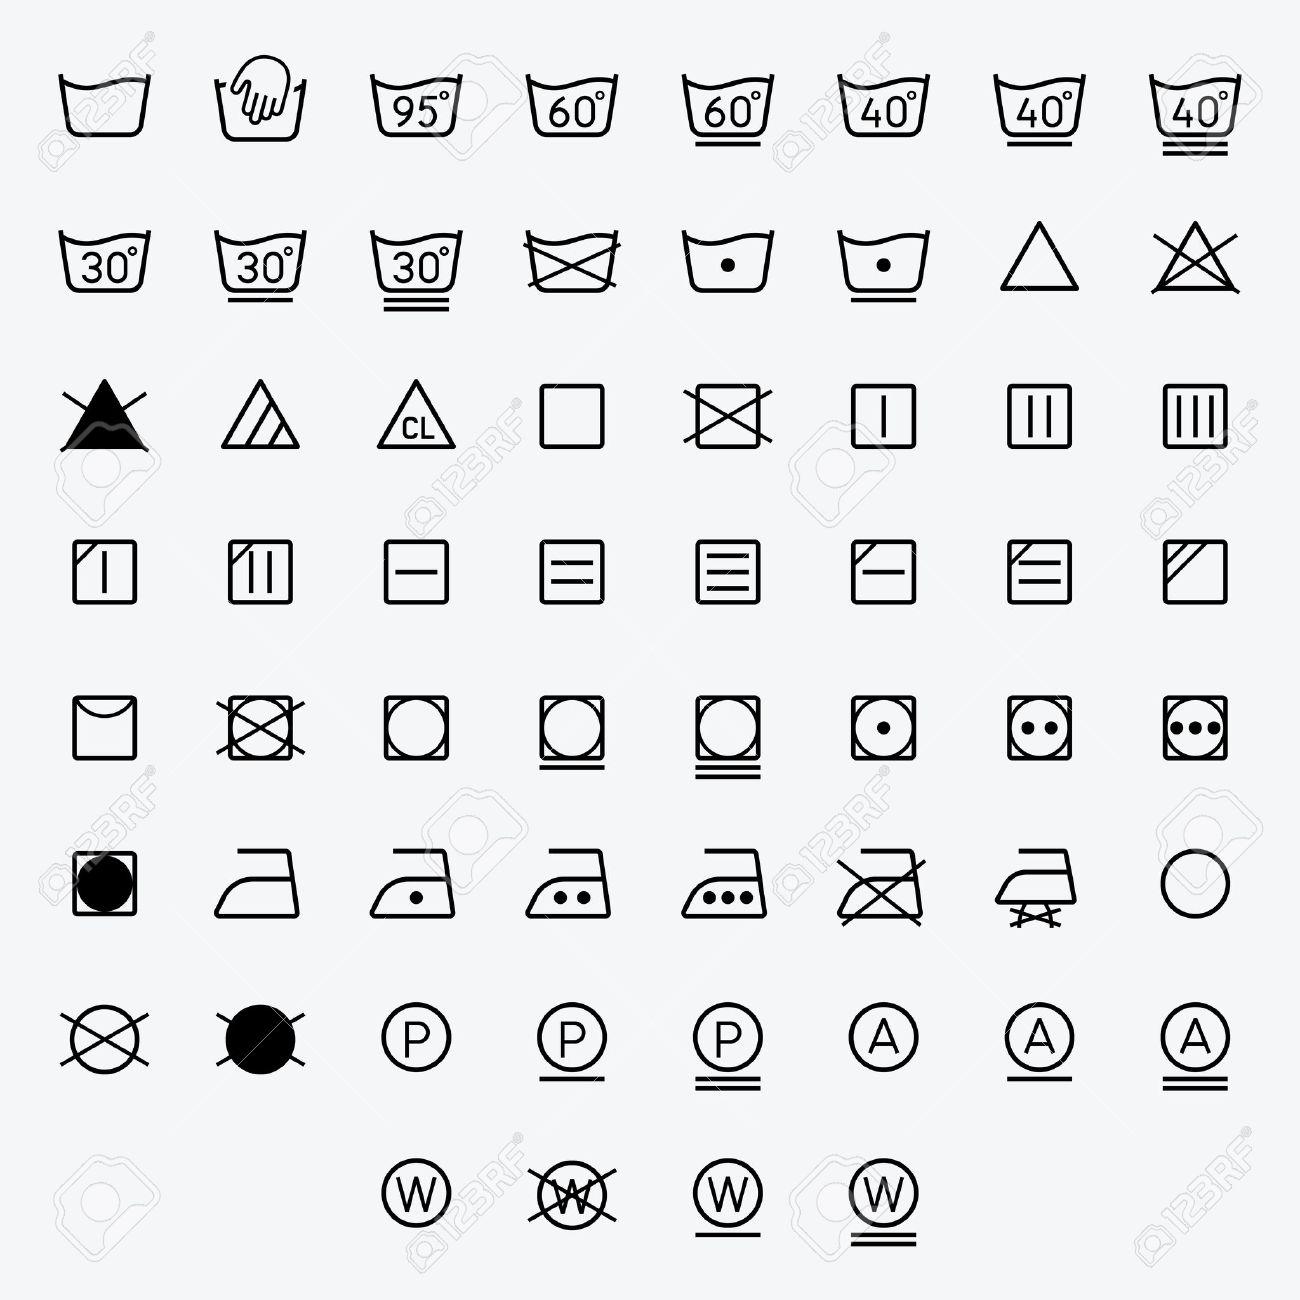 Icon Set Of Laundry Washing Symbols Isolated On White Background